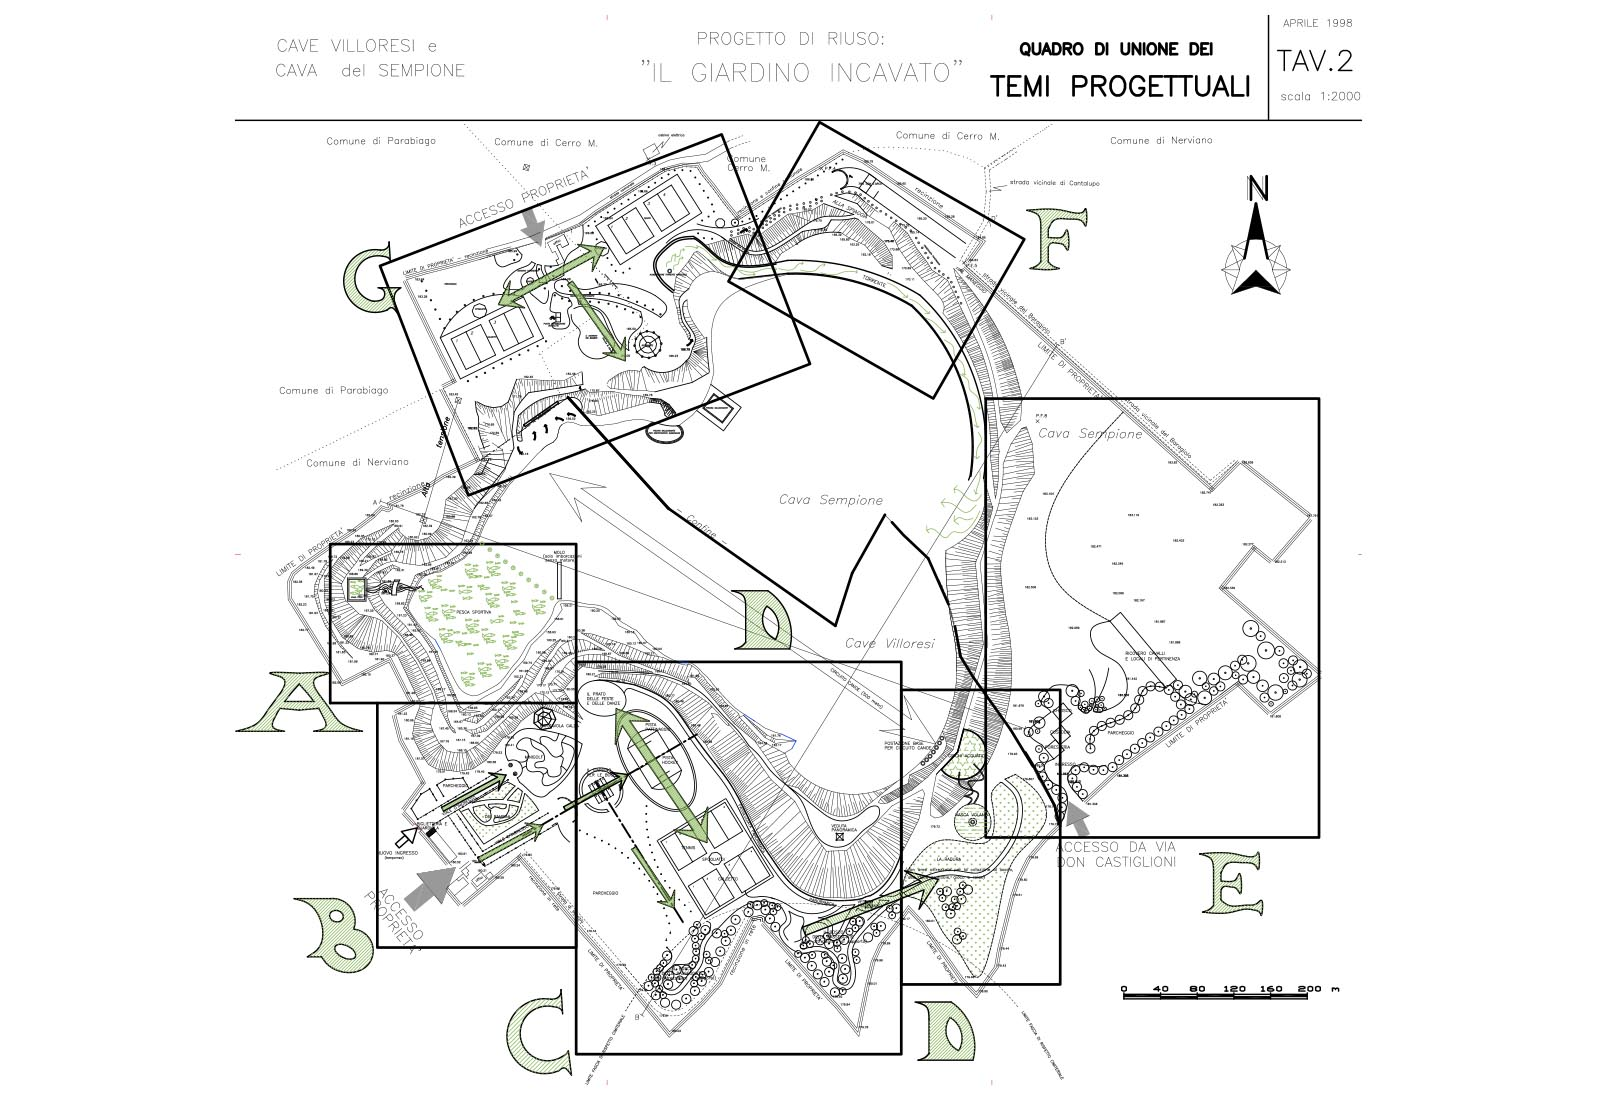 Riuso cave Villoresi e Sempione - Progetto di riuso: Tav.2 Quadro di unione dei temi progettuali